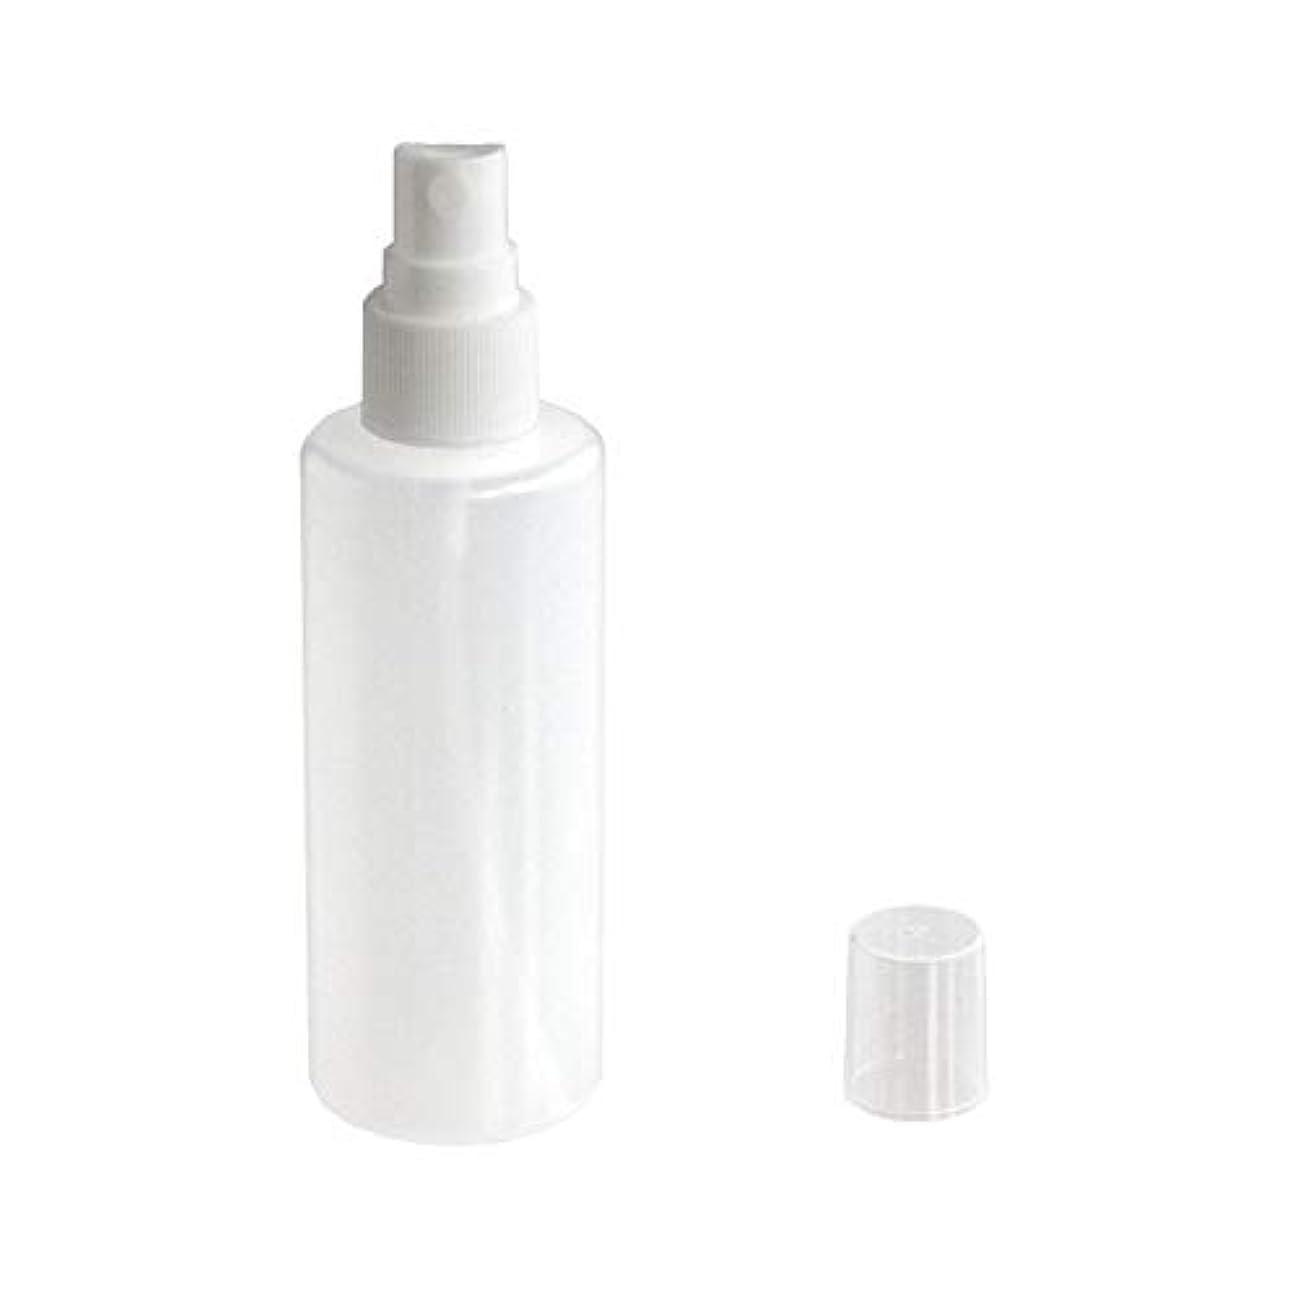 記述するフィードプレフィックススプレーボトル 100ml アルコール対応